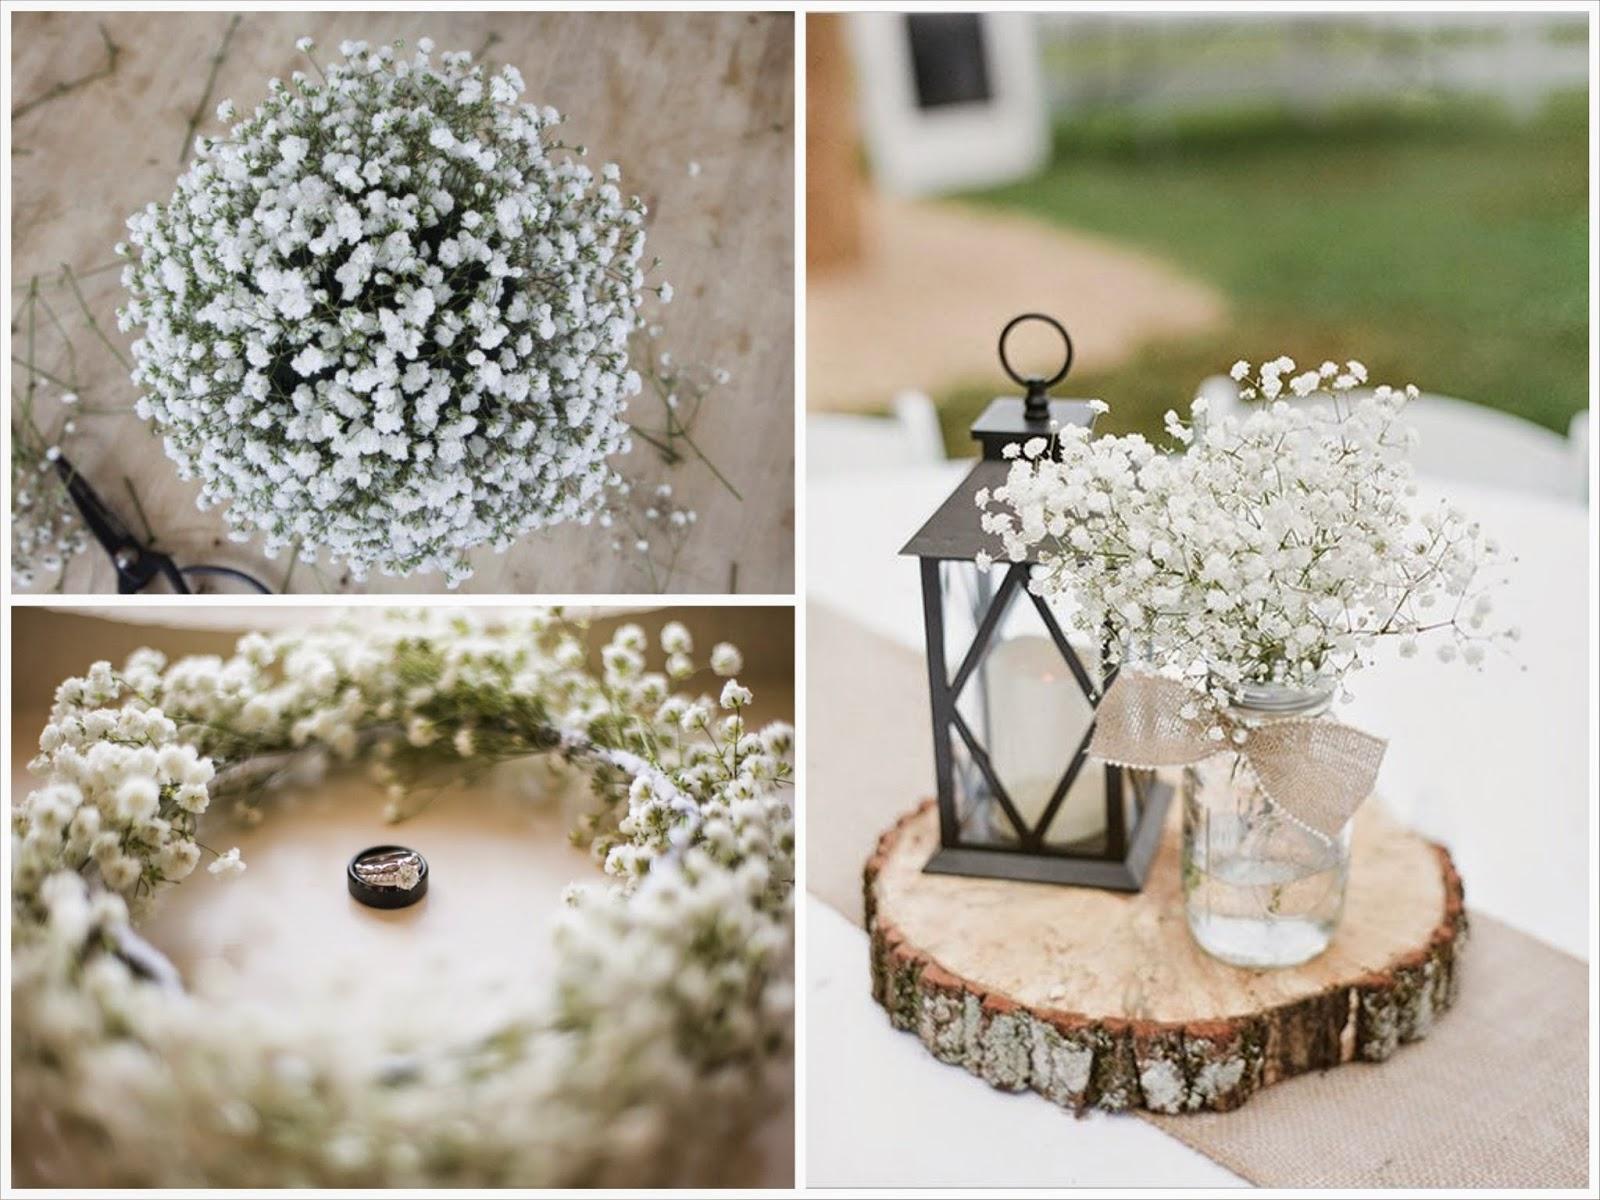 Diy Decoracion Boda ~   detalles de boda DIY decoraci?n de boda con flores de paniculata